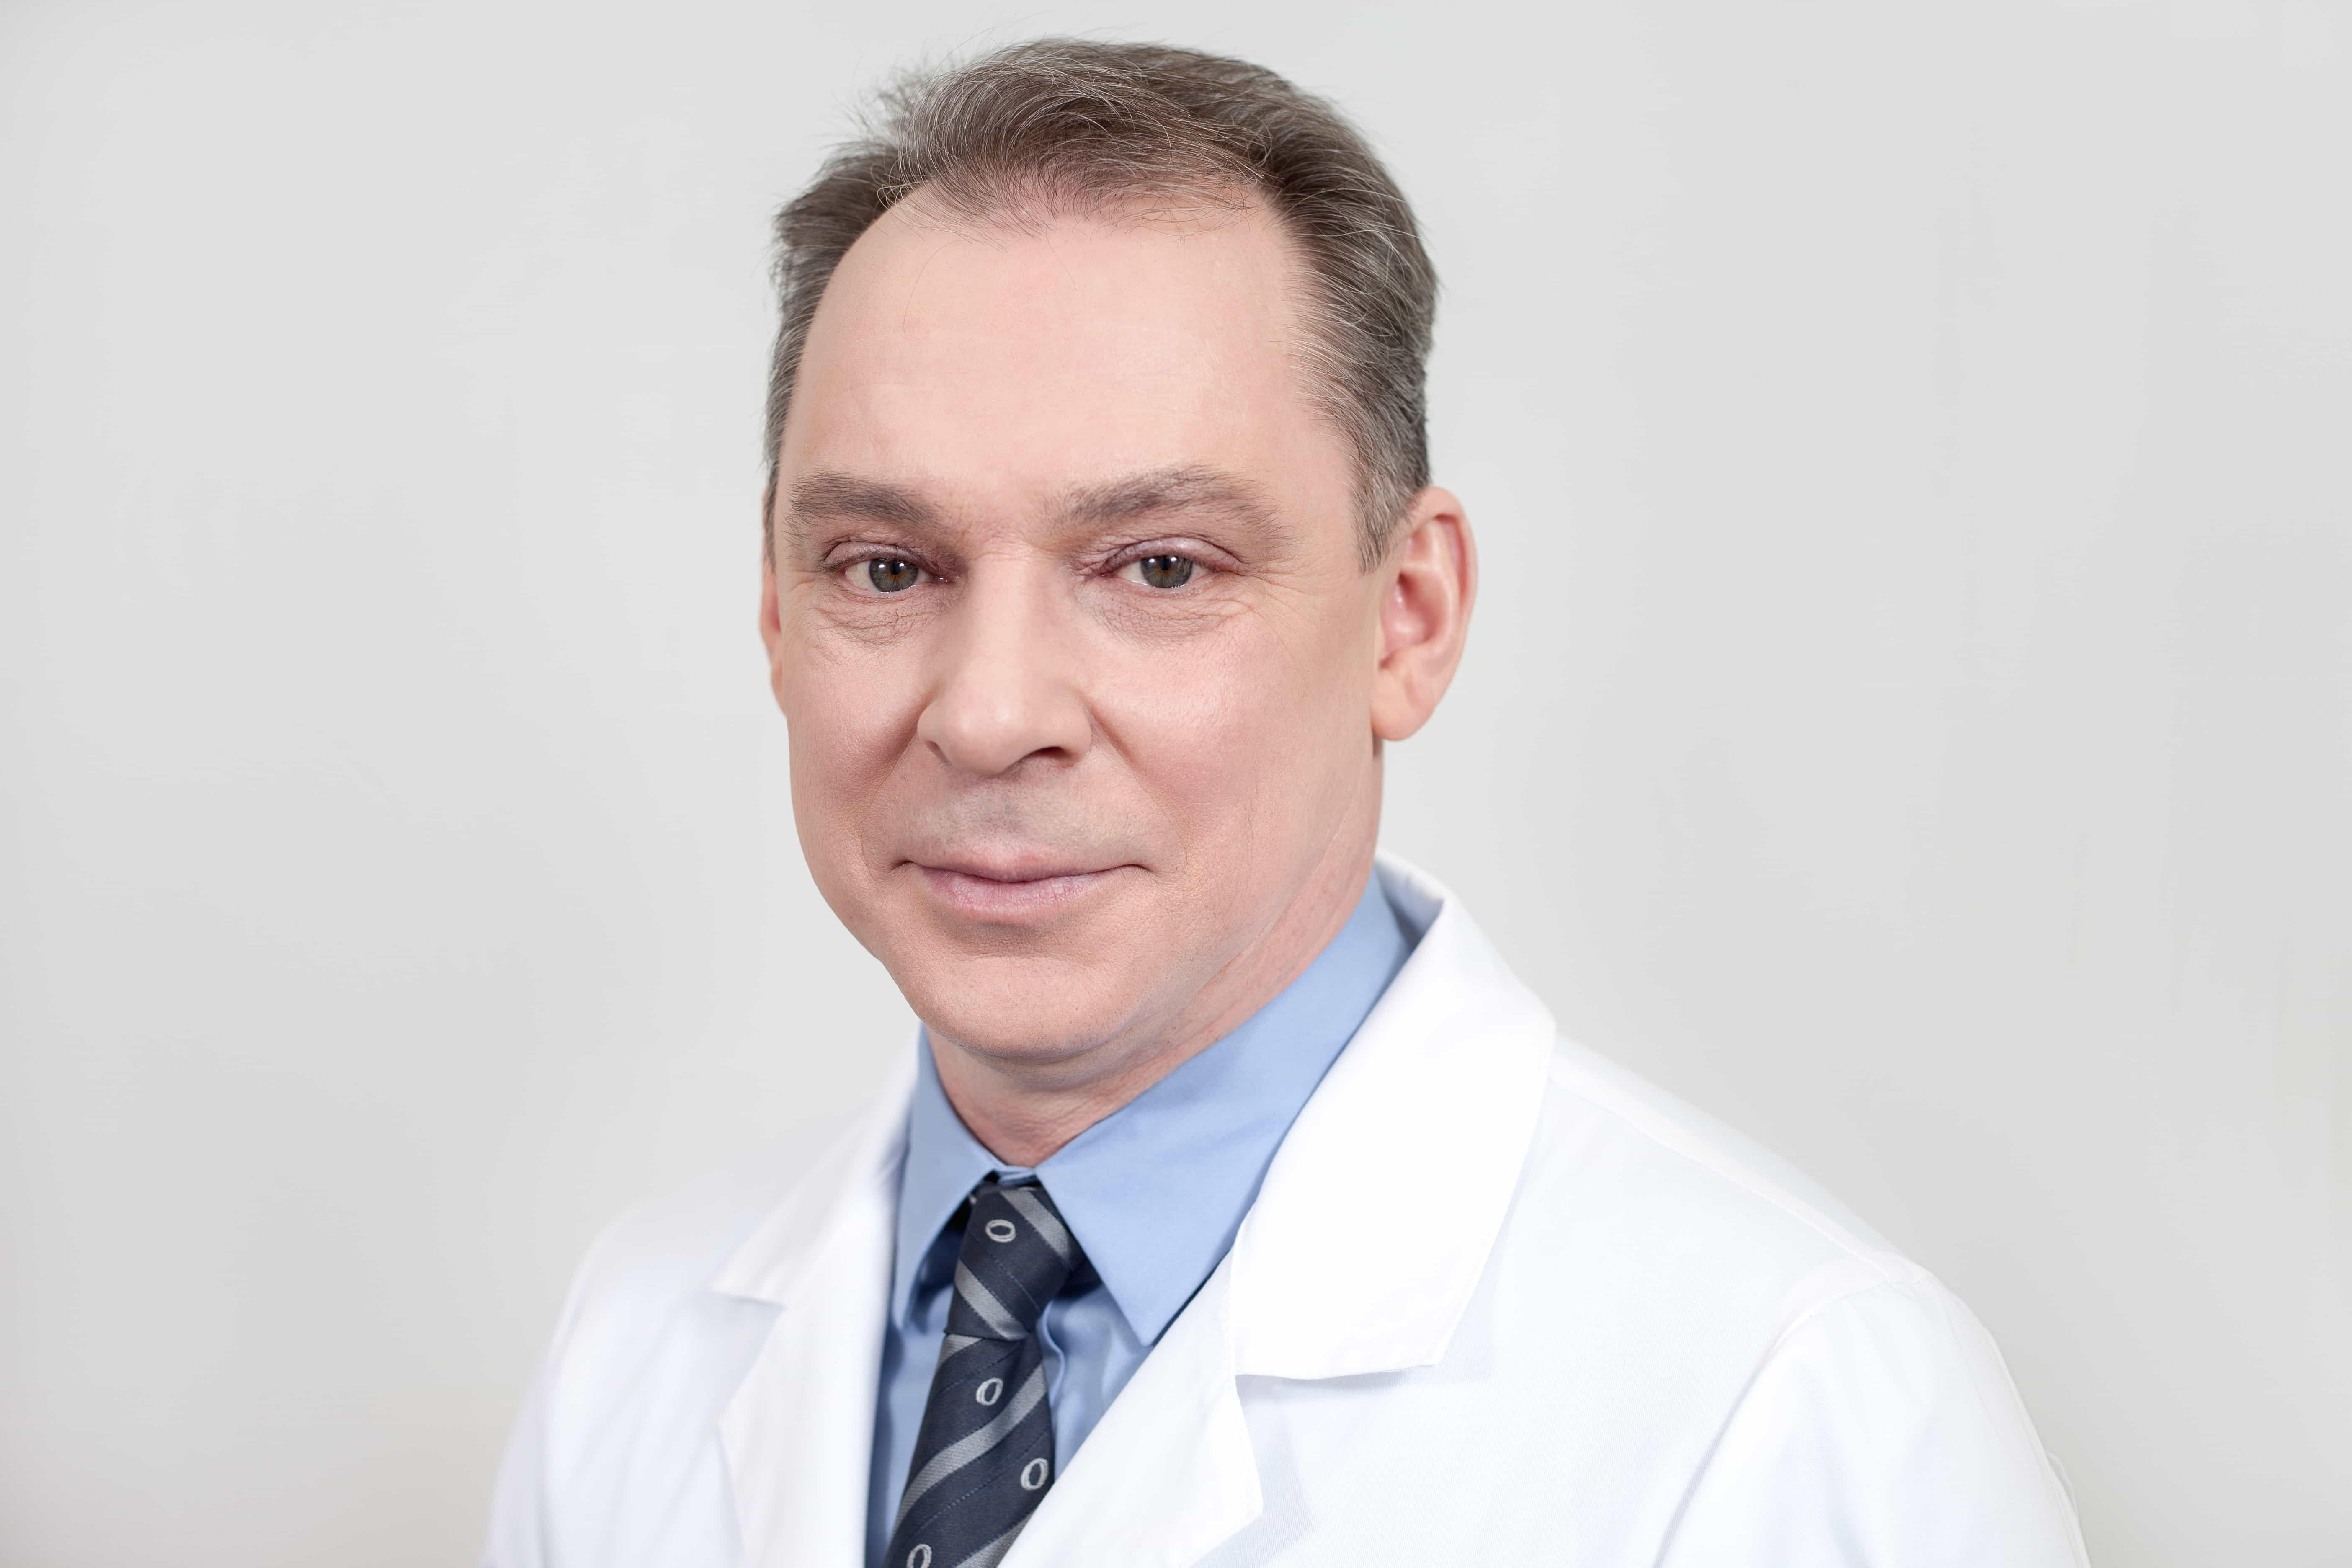 Терещенко Сергей Иванович – СТОМАТОЛОГ-ХИРУРГ, ИМПЛАНТОЛОГ